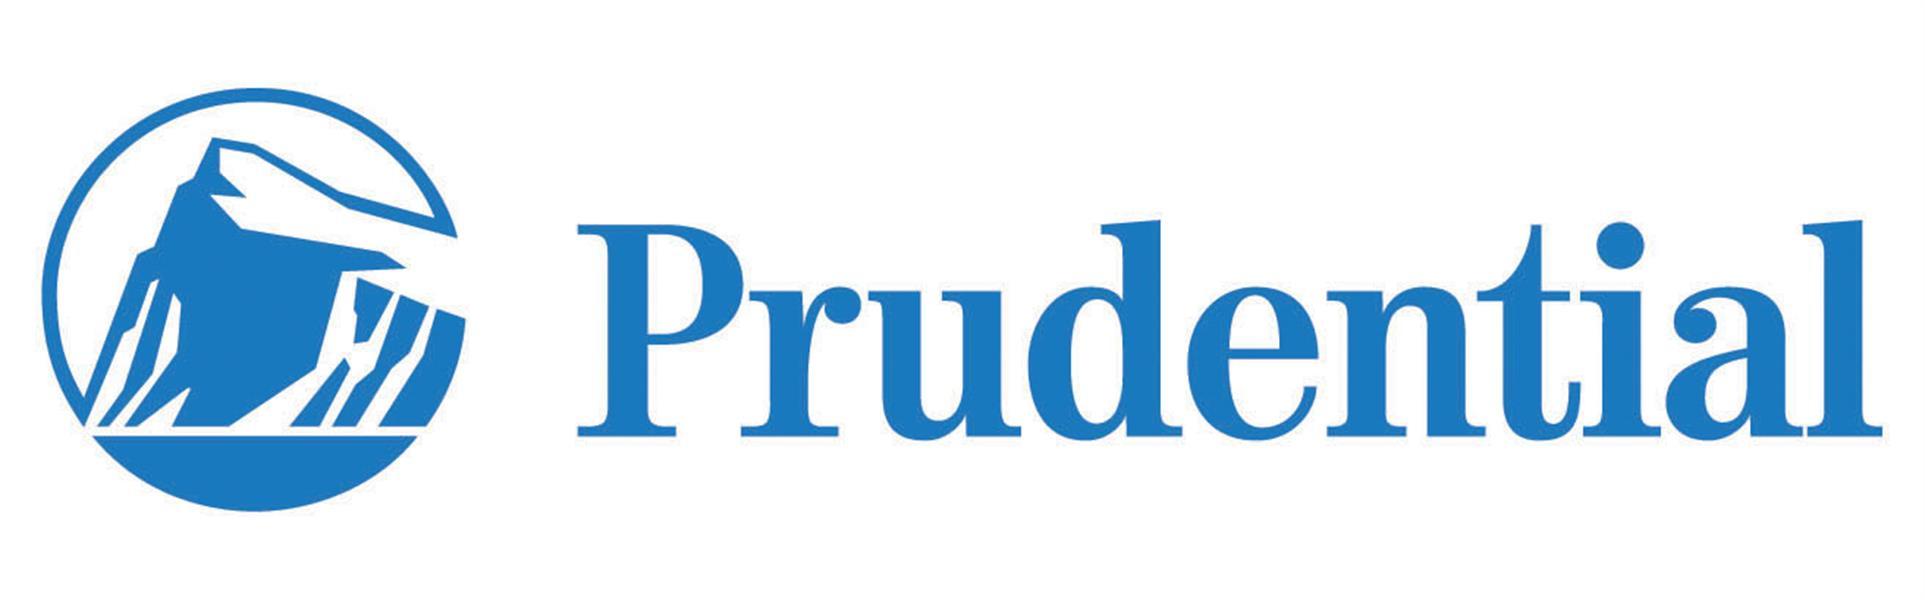 Prudential--Tony Manasseri